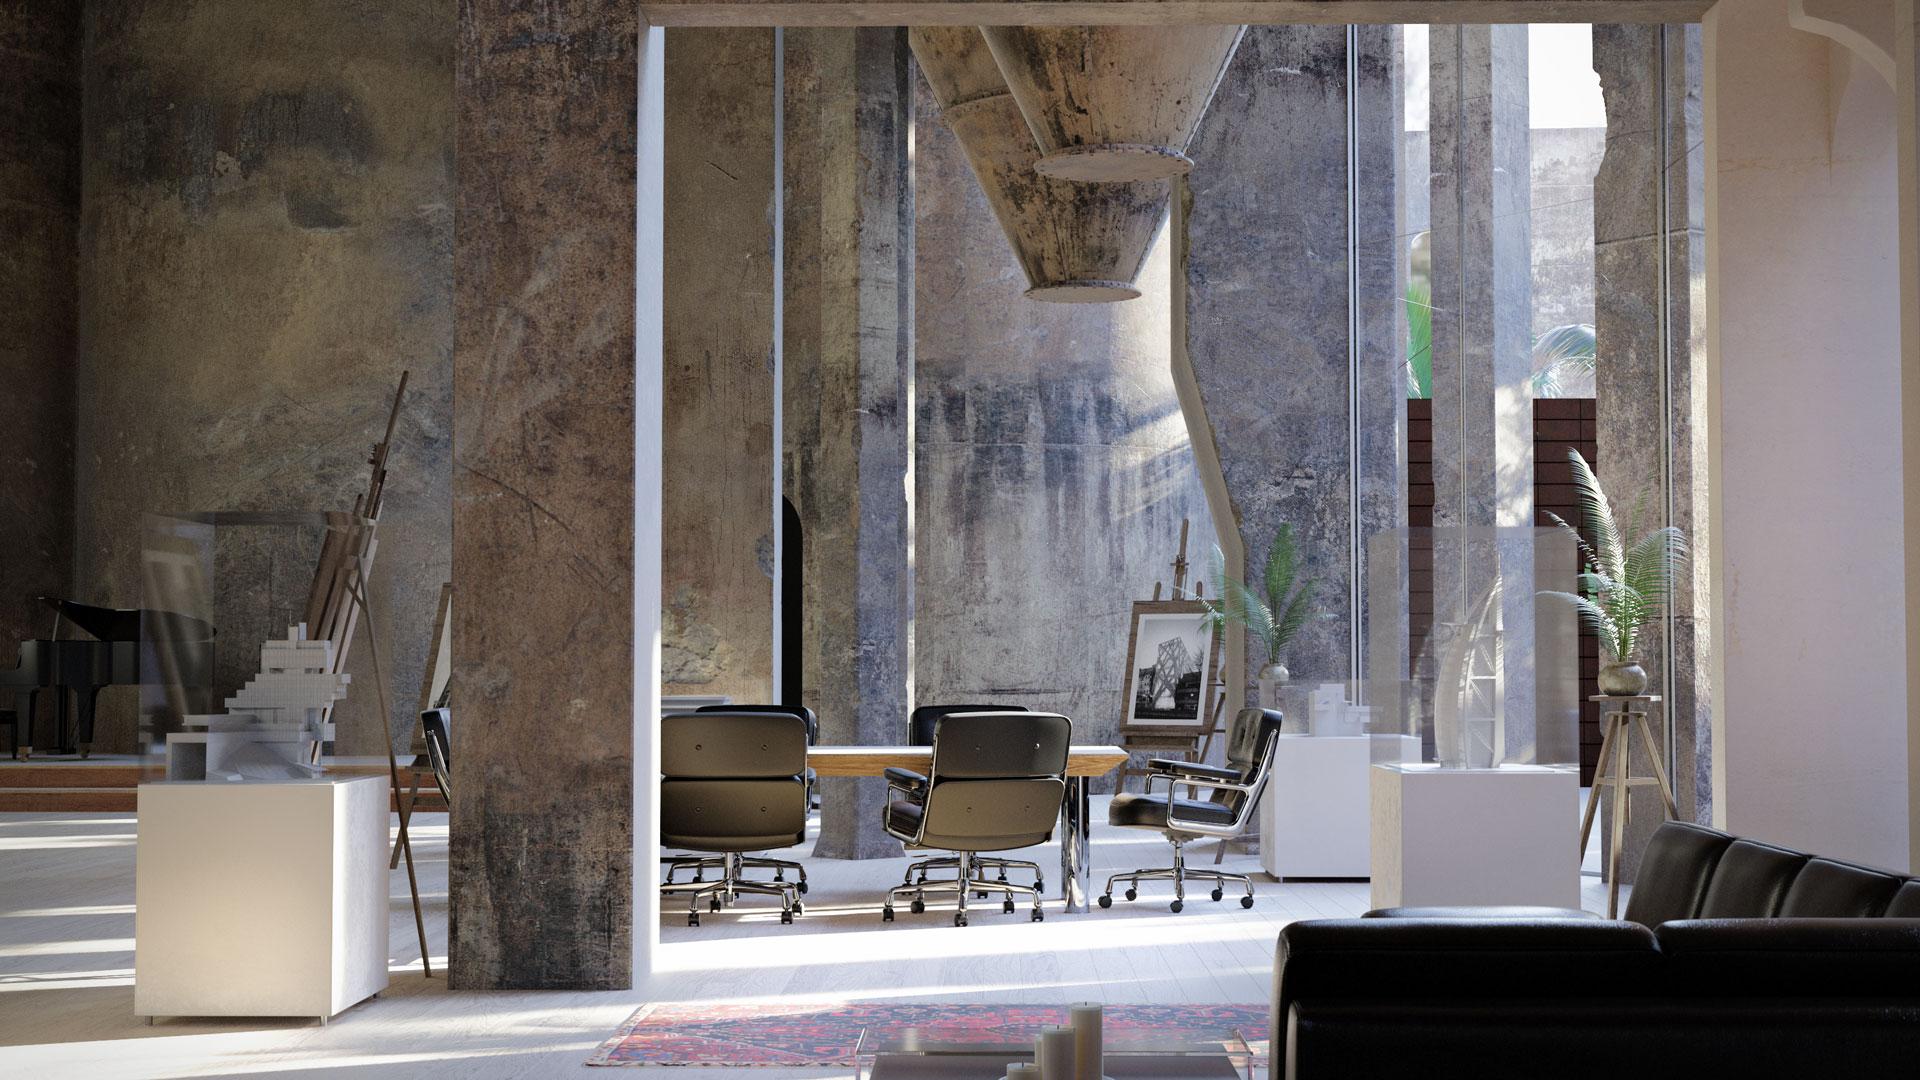 concrete-interior-1080.jpg